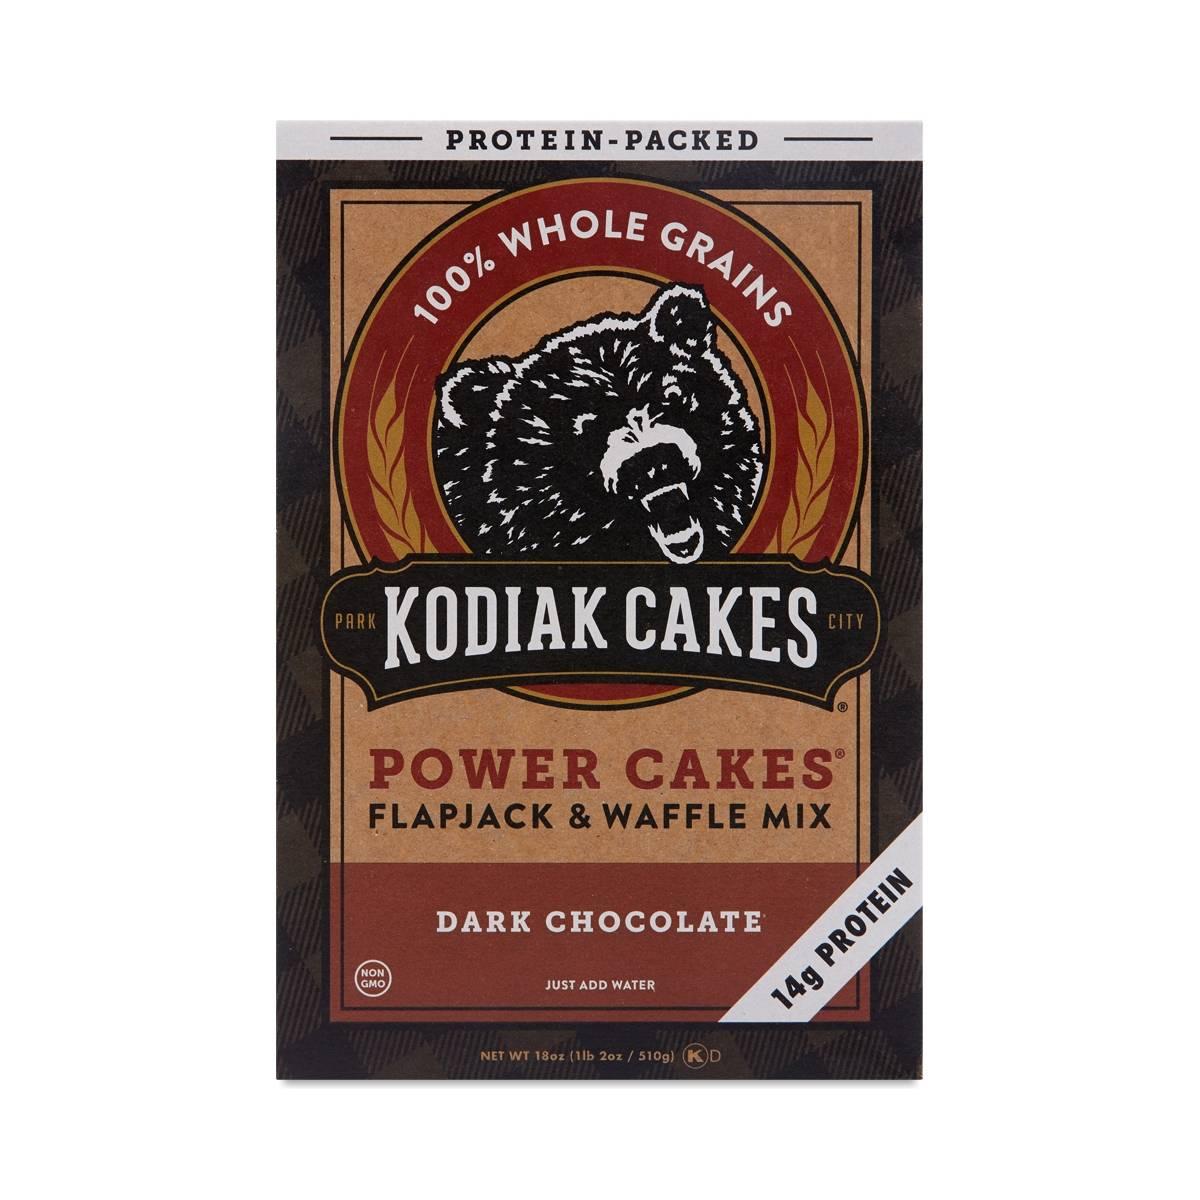 Kodiak Cakes Power Cakes Dark Chocolate Flapjack Amp Waffle Mix Thrive Market